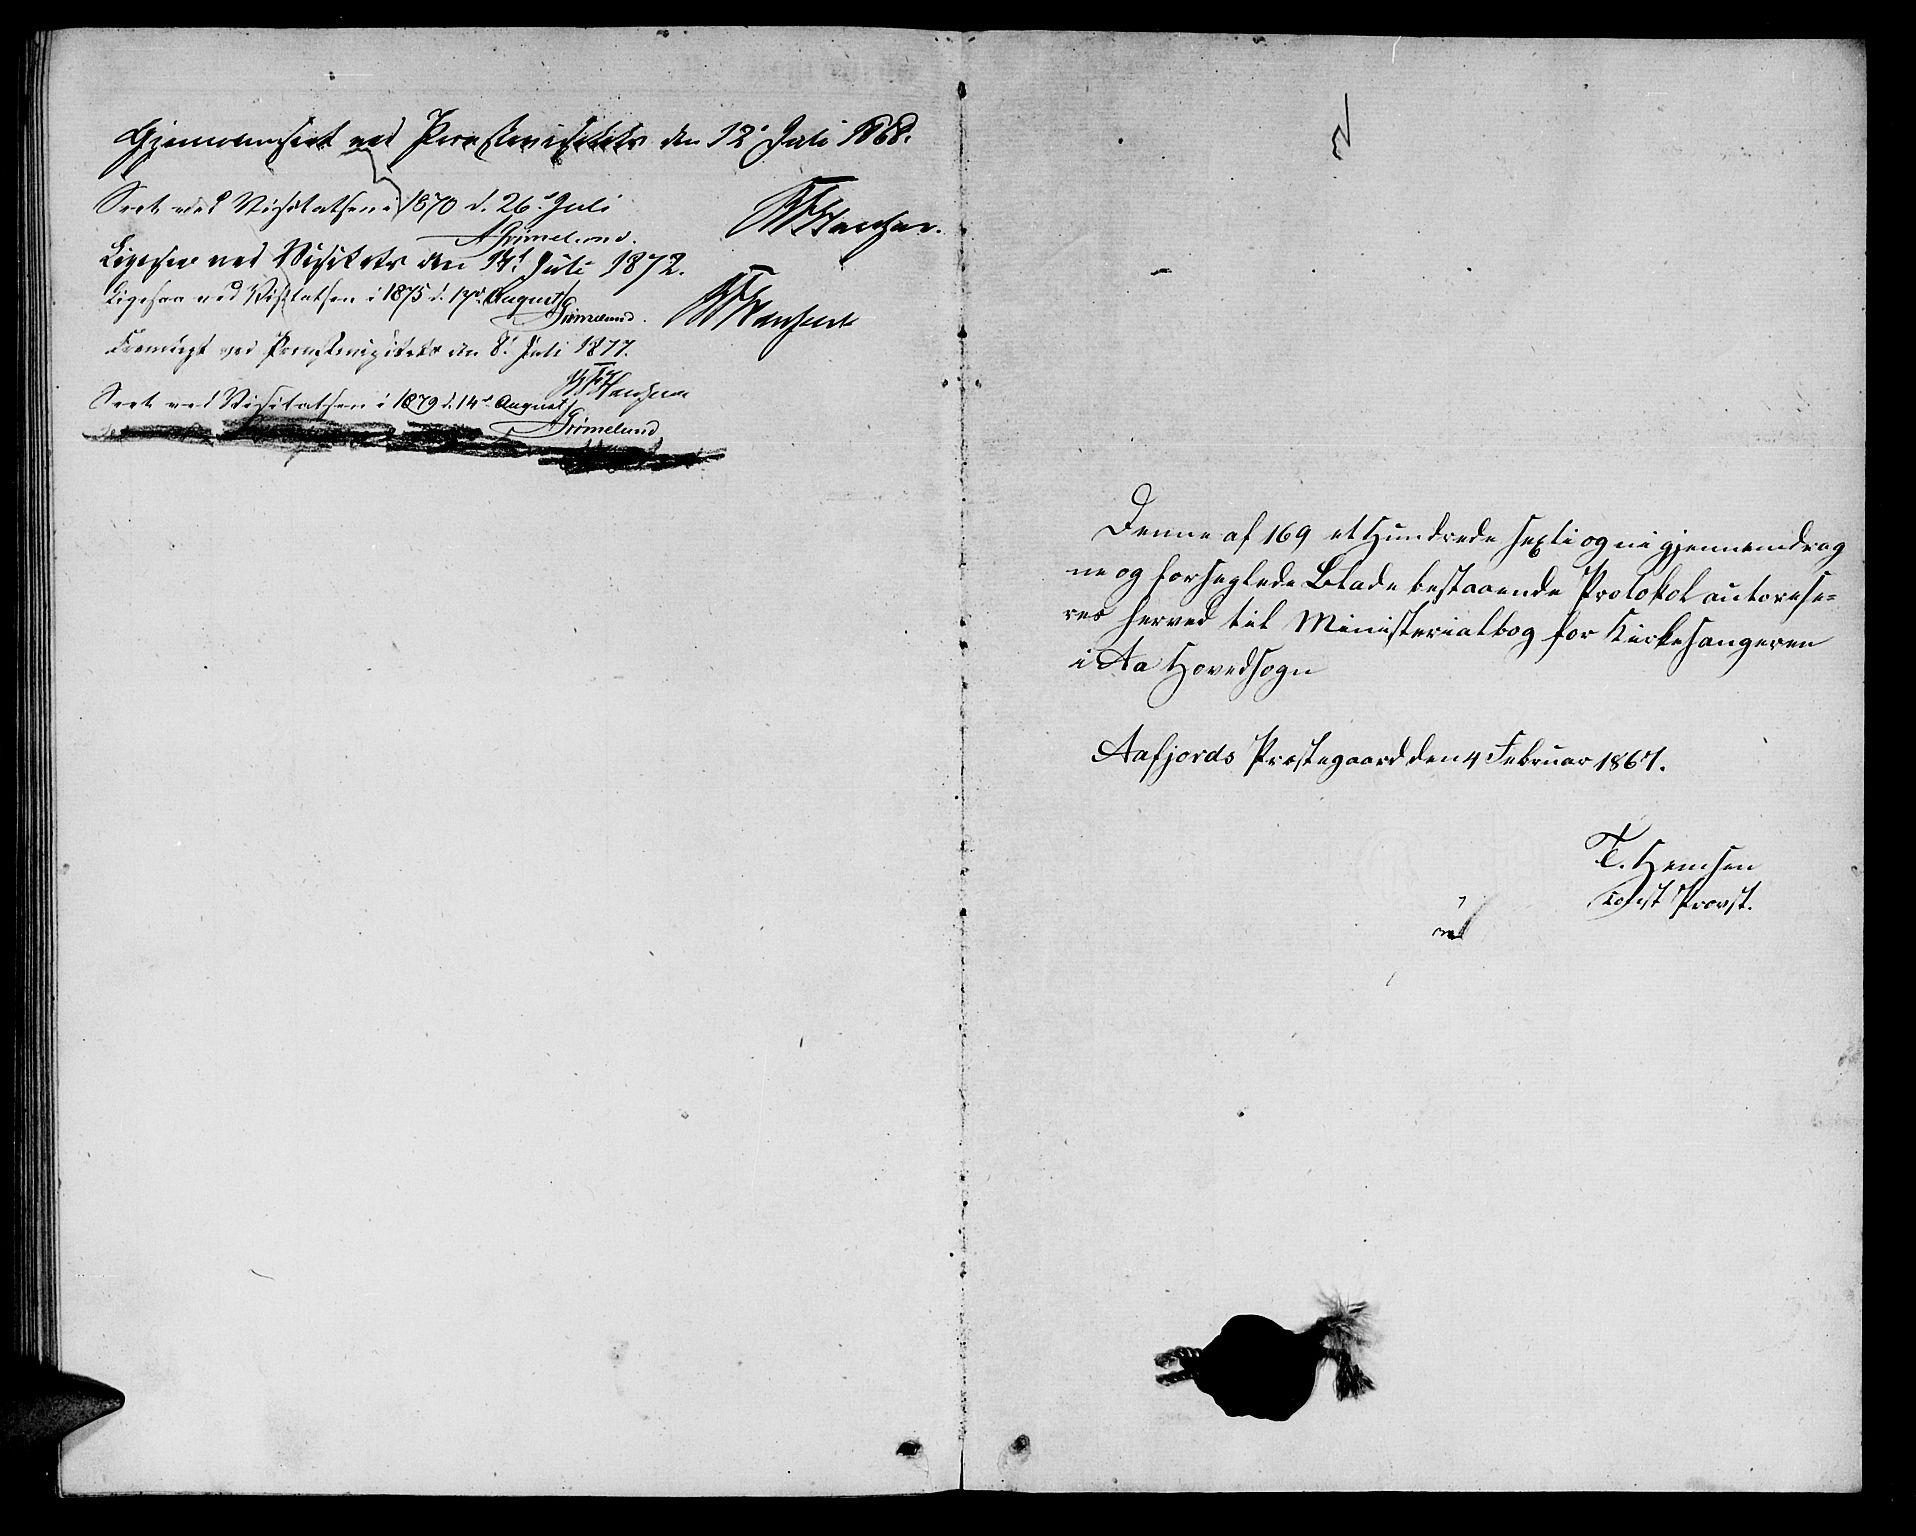 SAT, Ministerialprotokoller, klokkerbøker og fødselsregistre - Sør-Trøndelag, 655/L0686: Klokkerbok nr. 655C02, 1866-1879